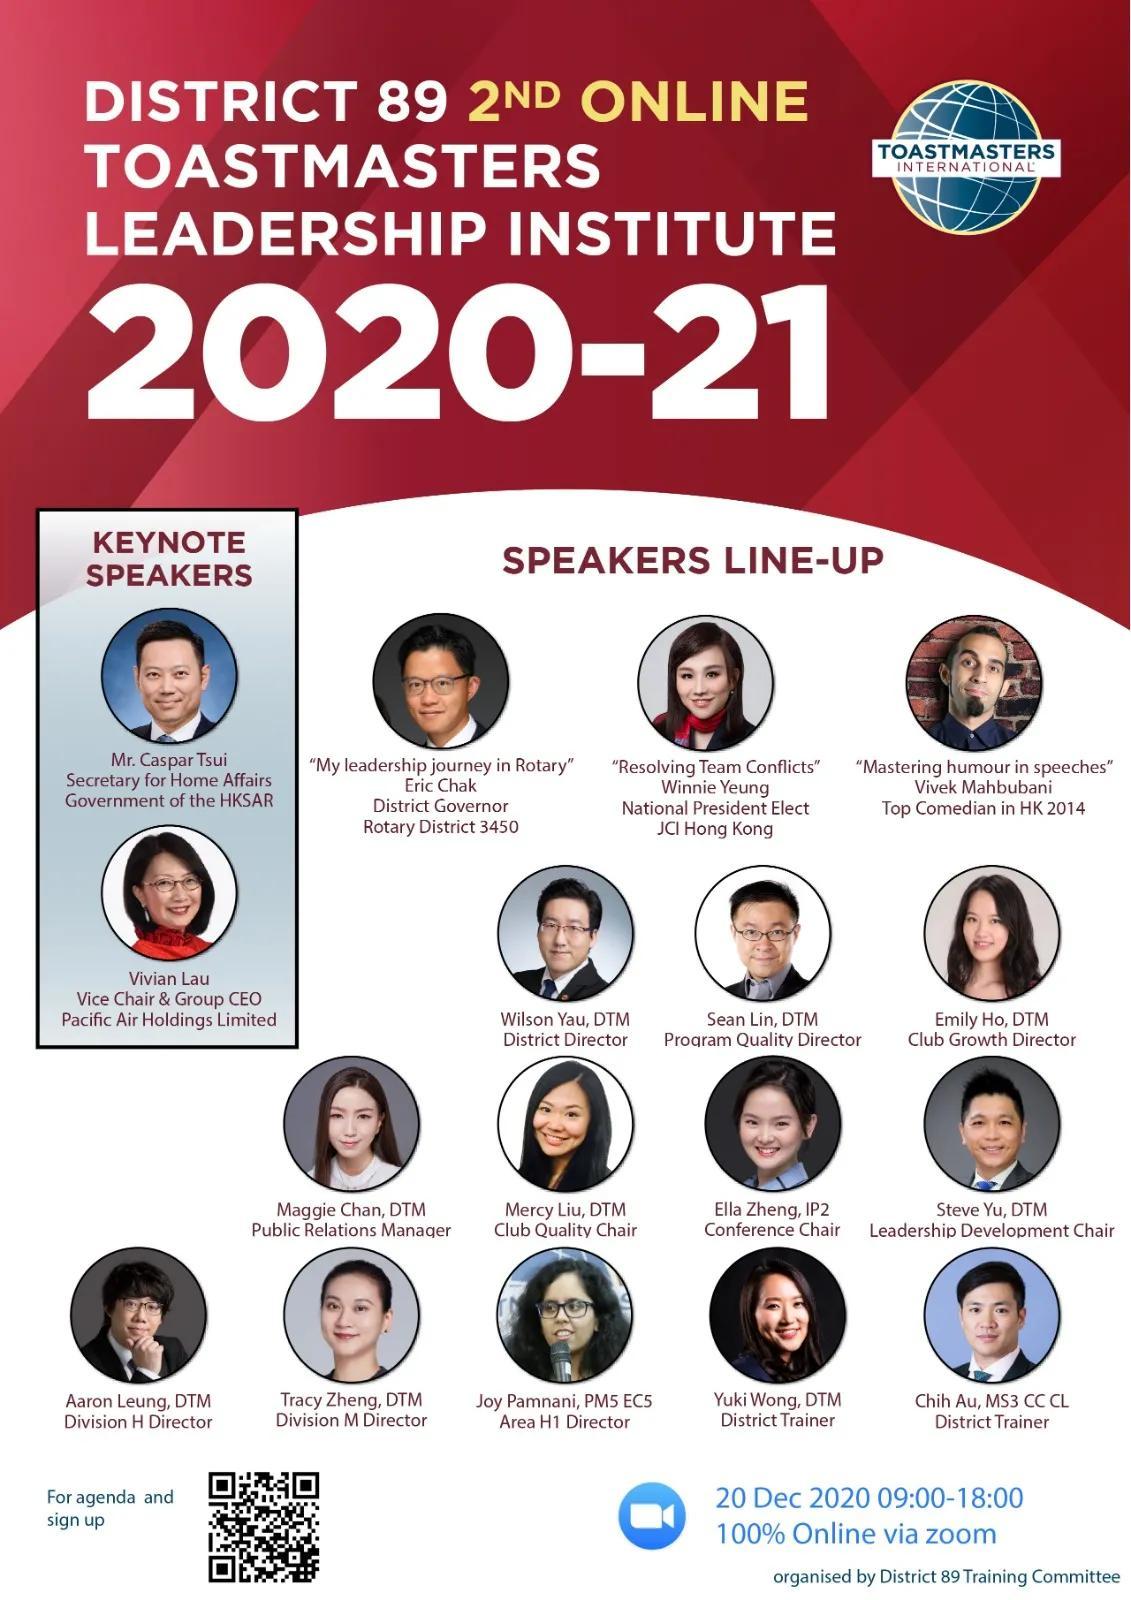 南中国89大区国际演讲会線上大型培训圓滿結束